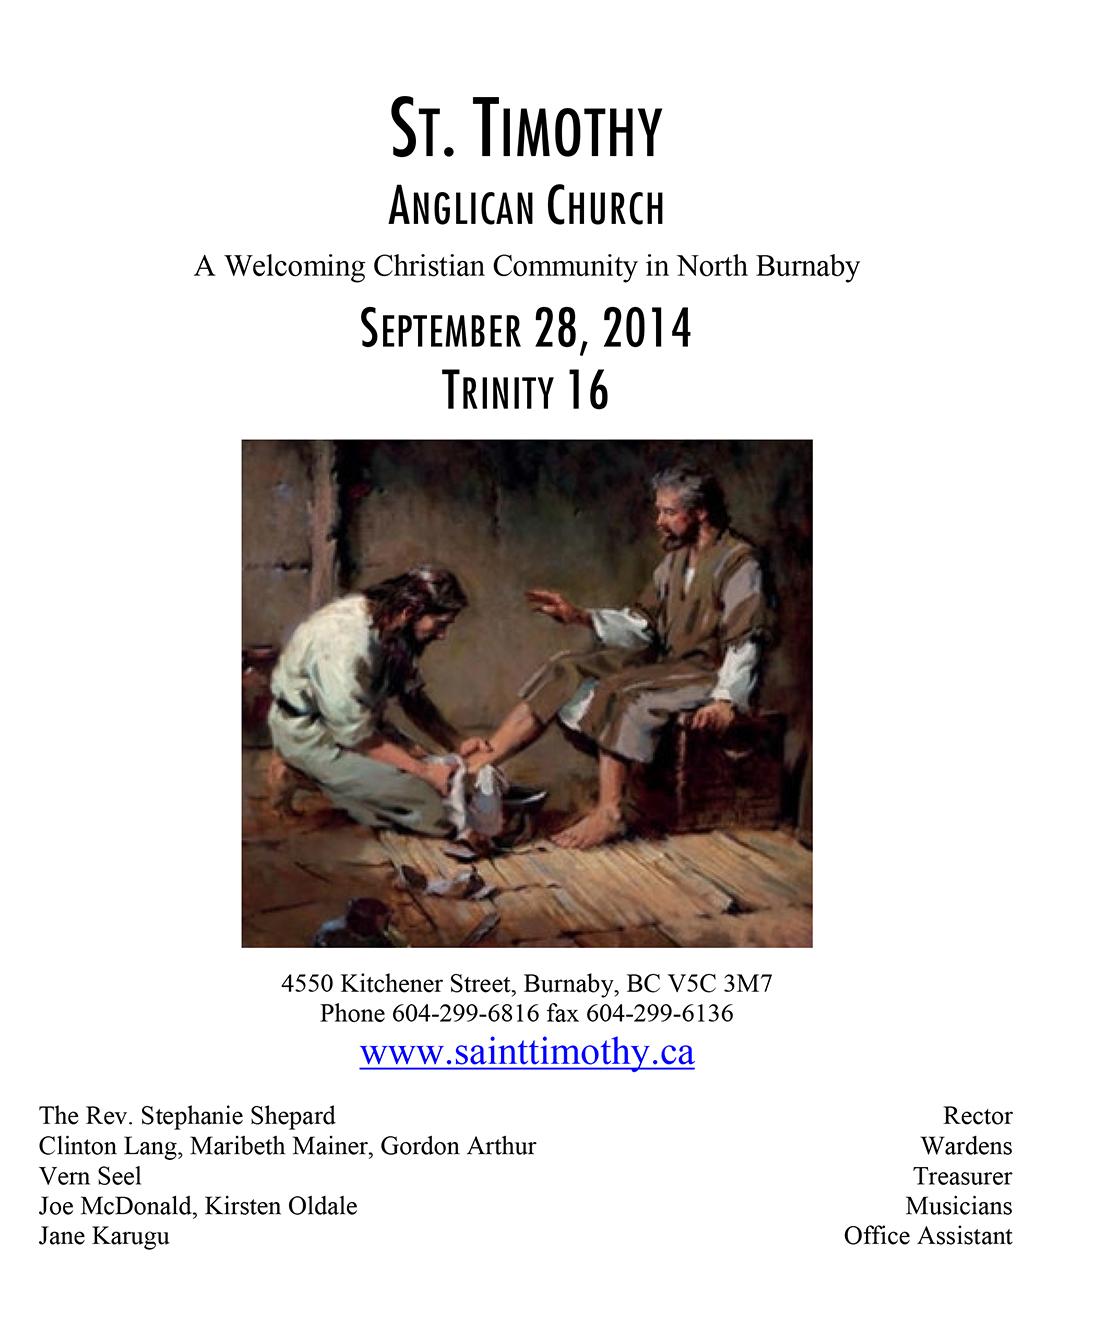 Bulletin: September 28, 2014